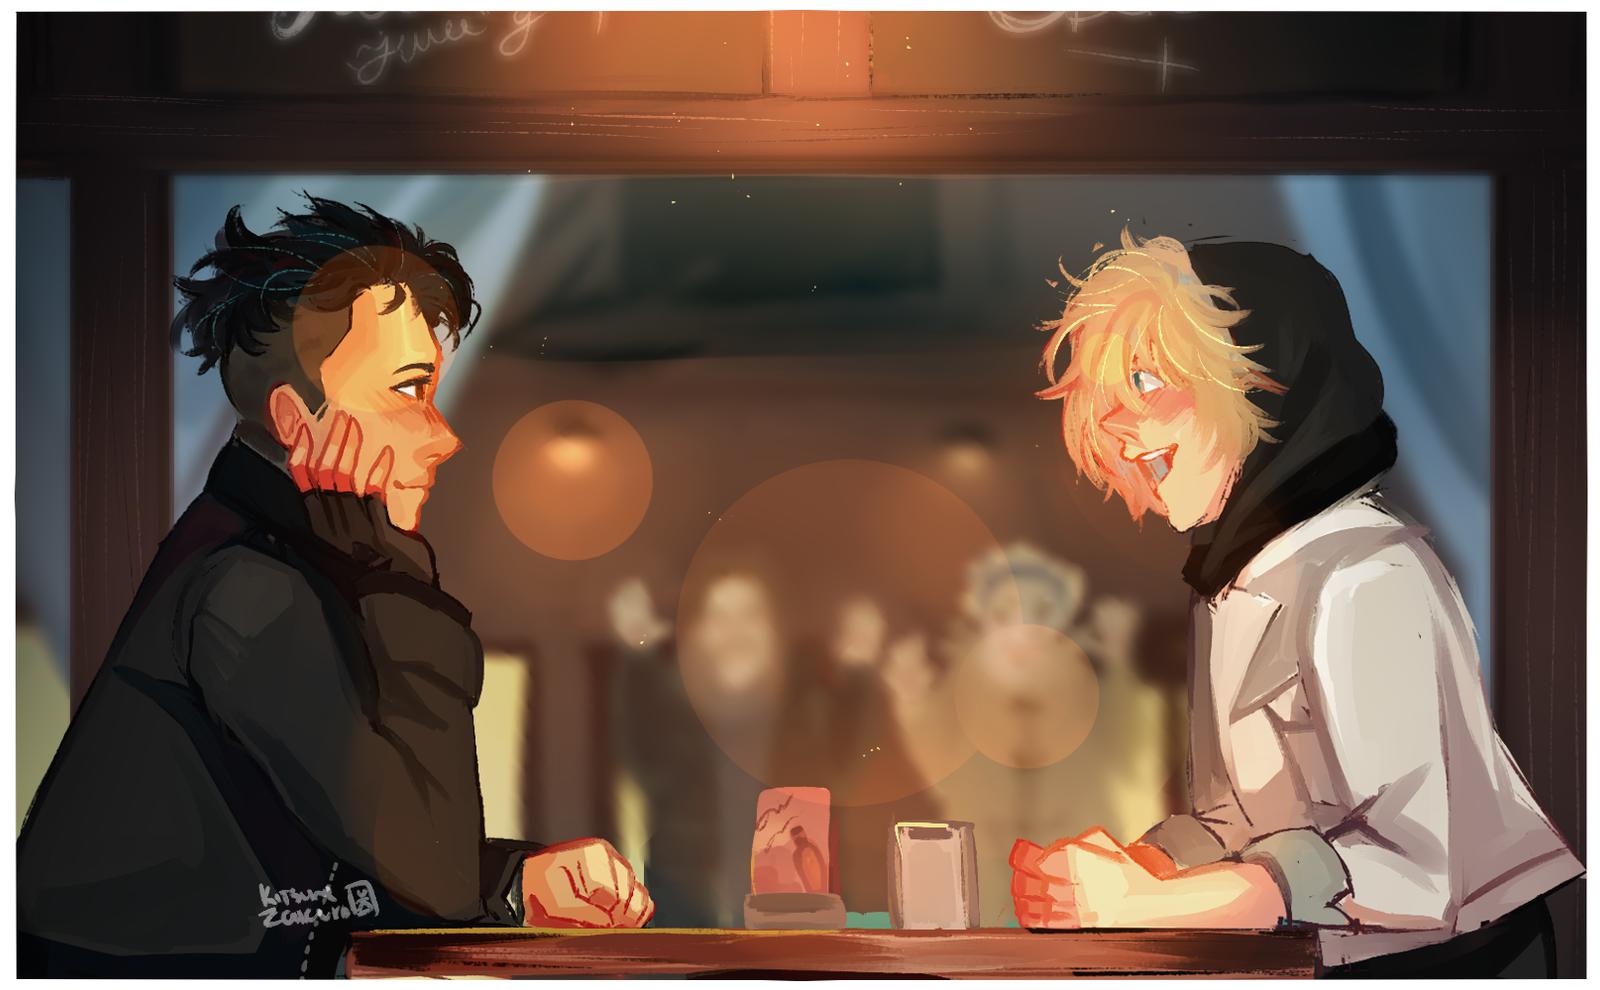 [YOI] Screencap Redraw//Otabek and Yurio on a date by KitsuneZakuro